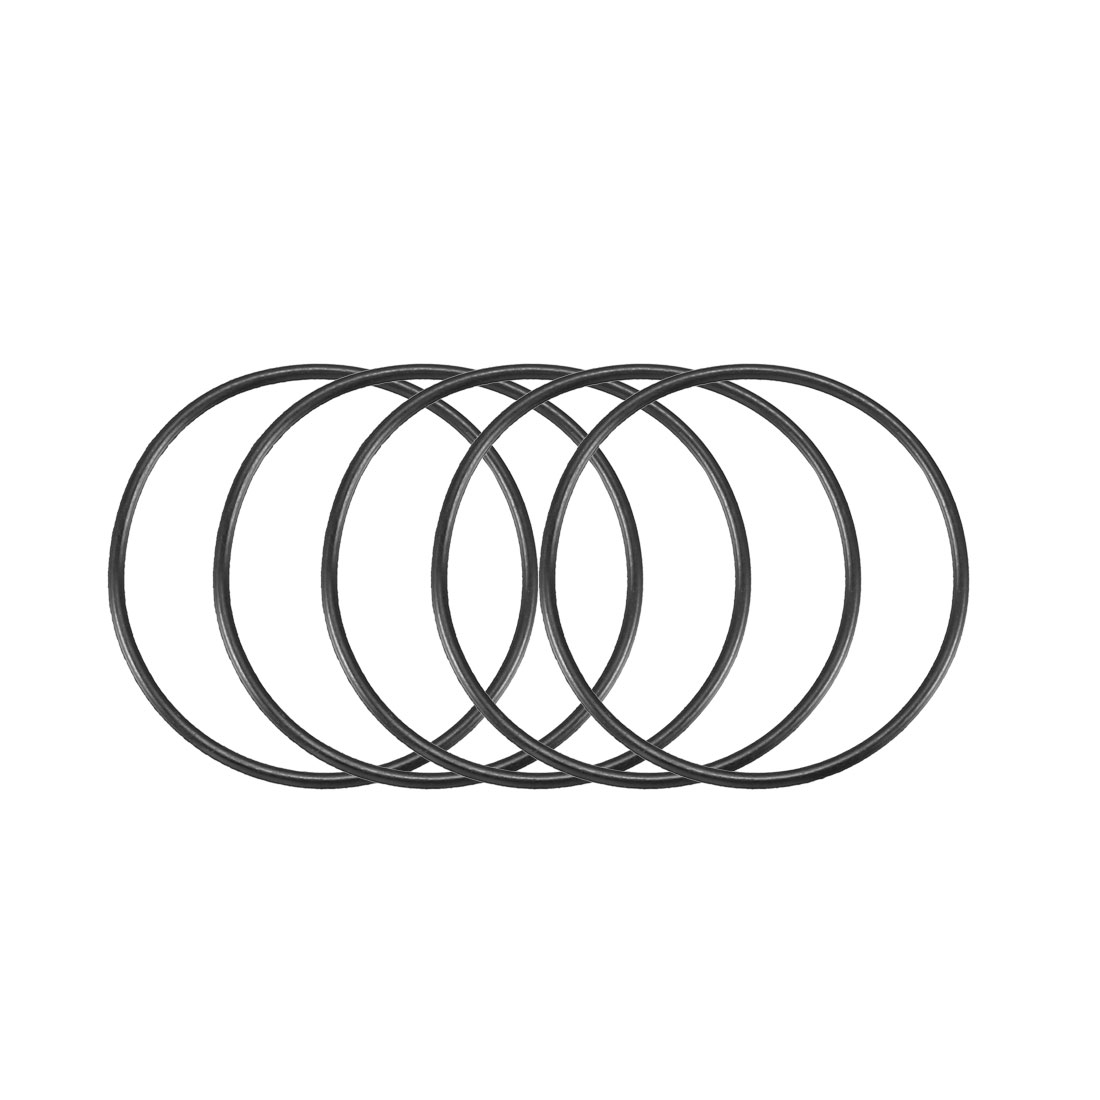 30pcs Black Nitrile Butadiene Rubber NBR O-Ring 24.5mm Inner Dia 1mm Width